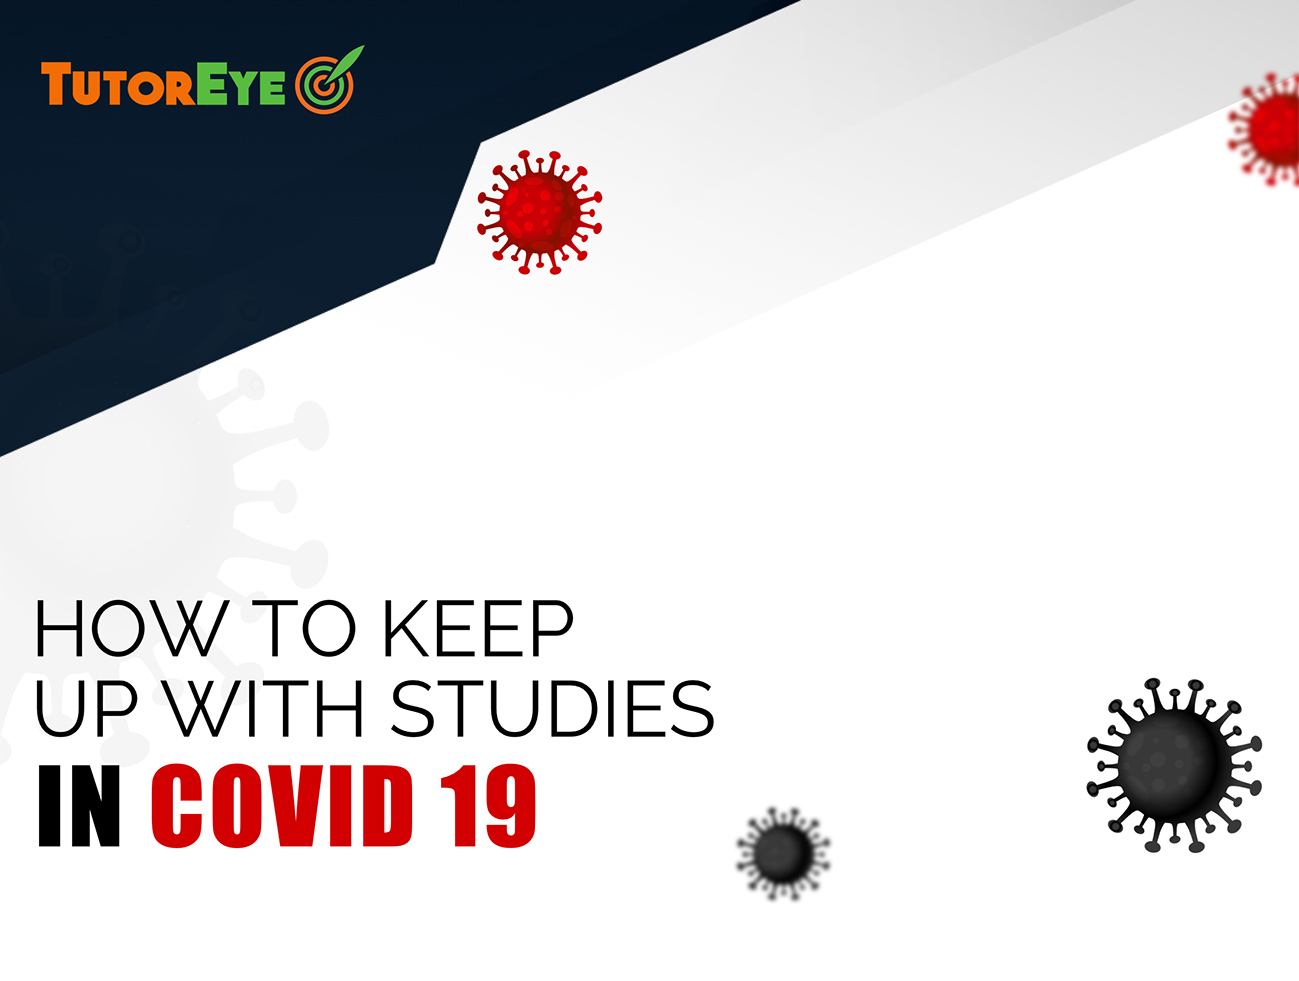 Study in Covid 19